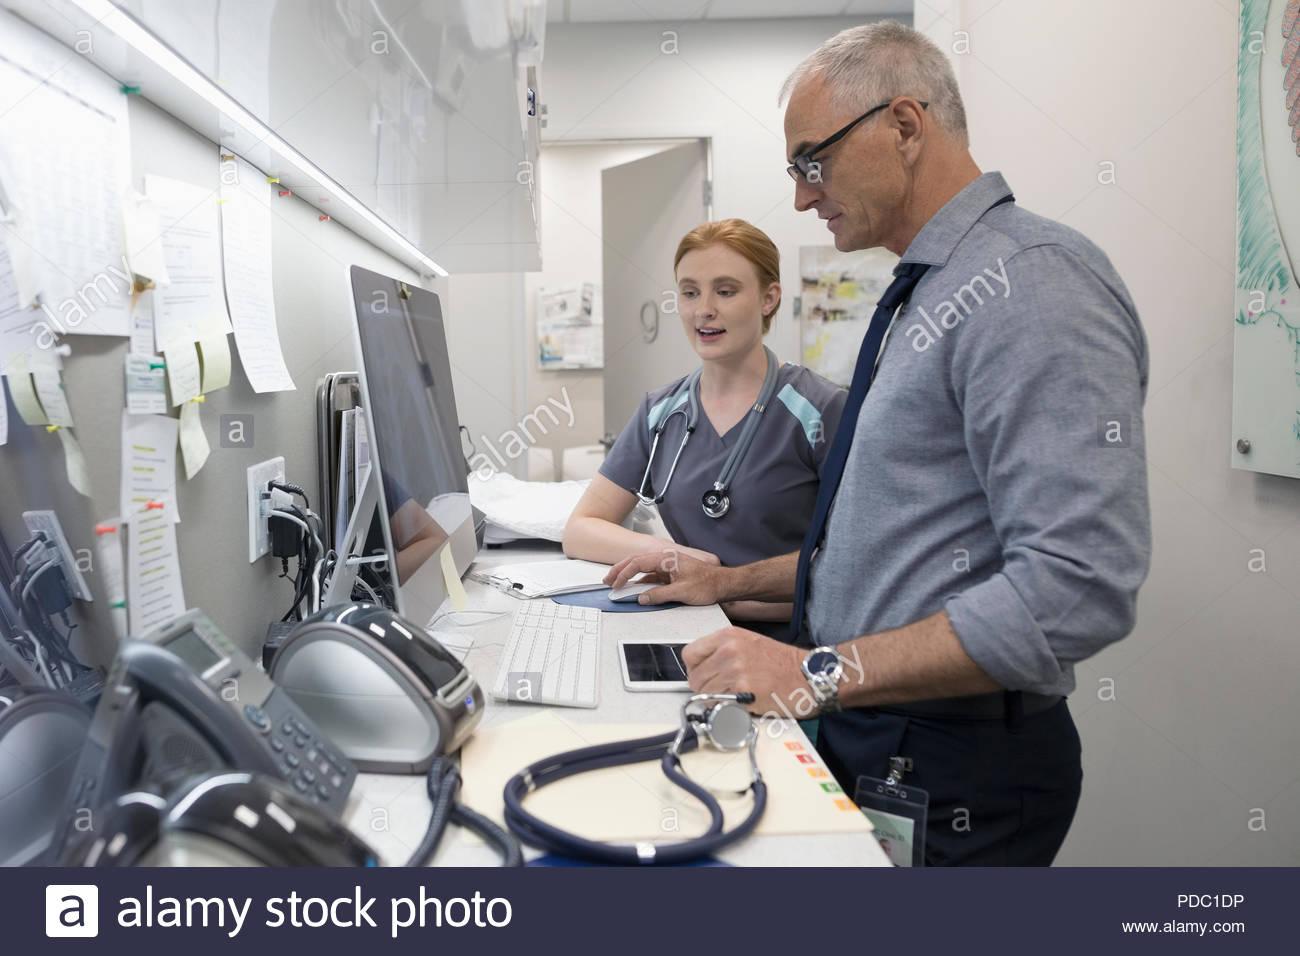 Médecin de sexe masculin et féminin à l'aide de l'infirmière dans une clinique de l'ordinateur Photo Stock